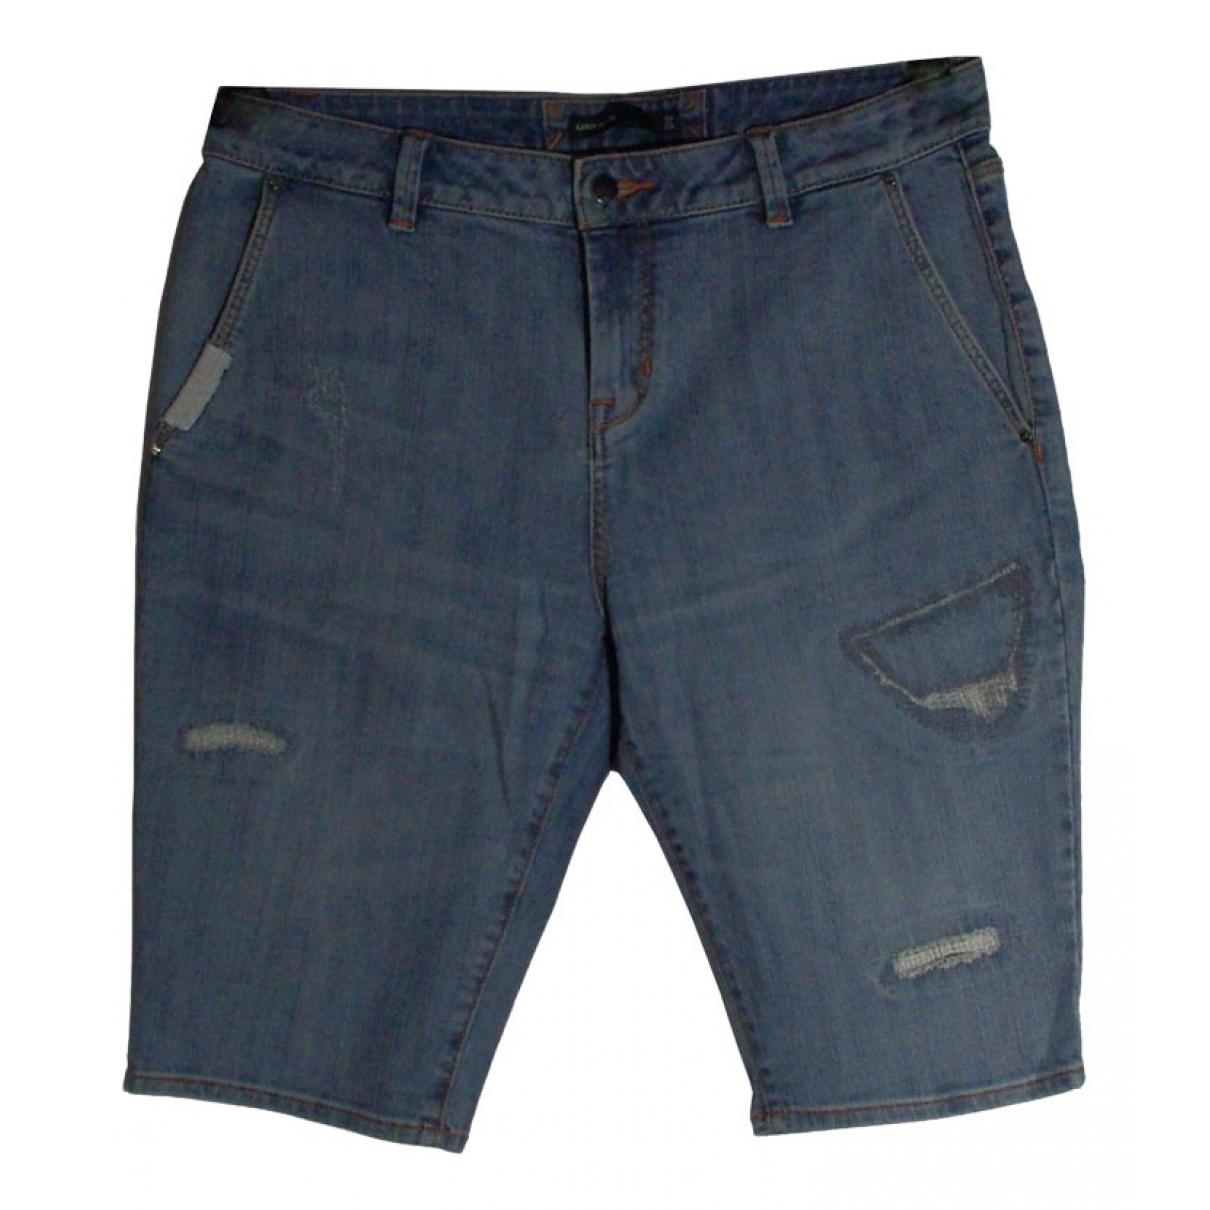 Karen Millen \N Shorts in Baumwolle - Elasthan